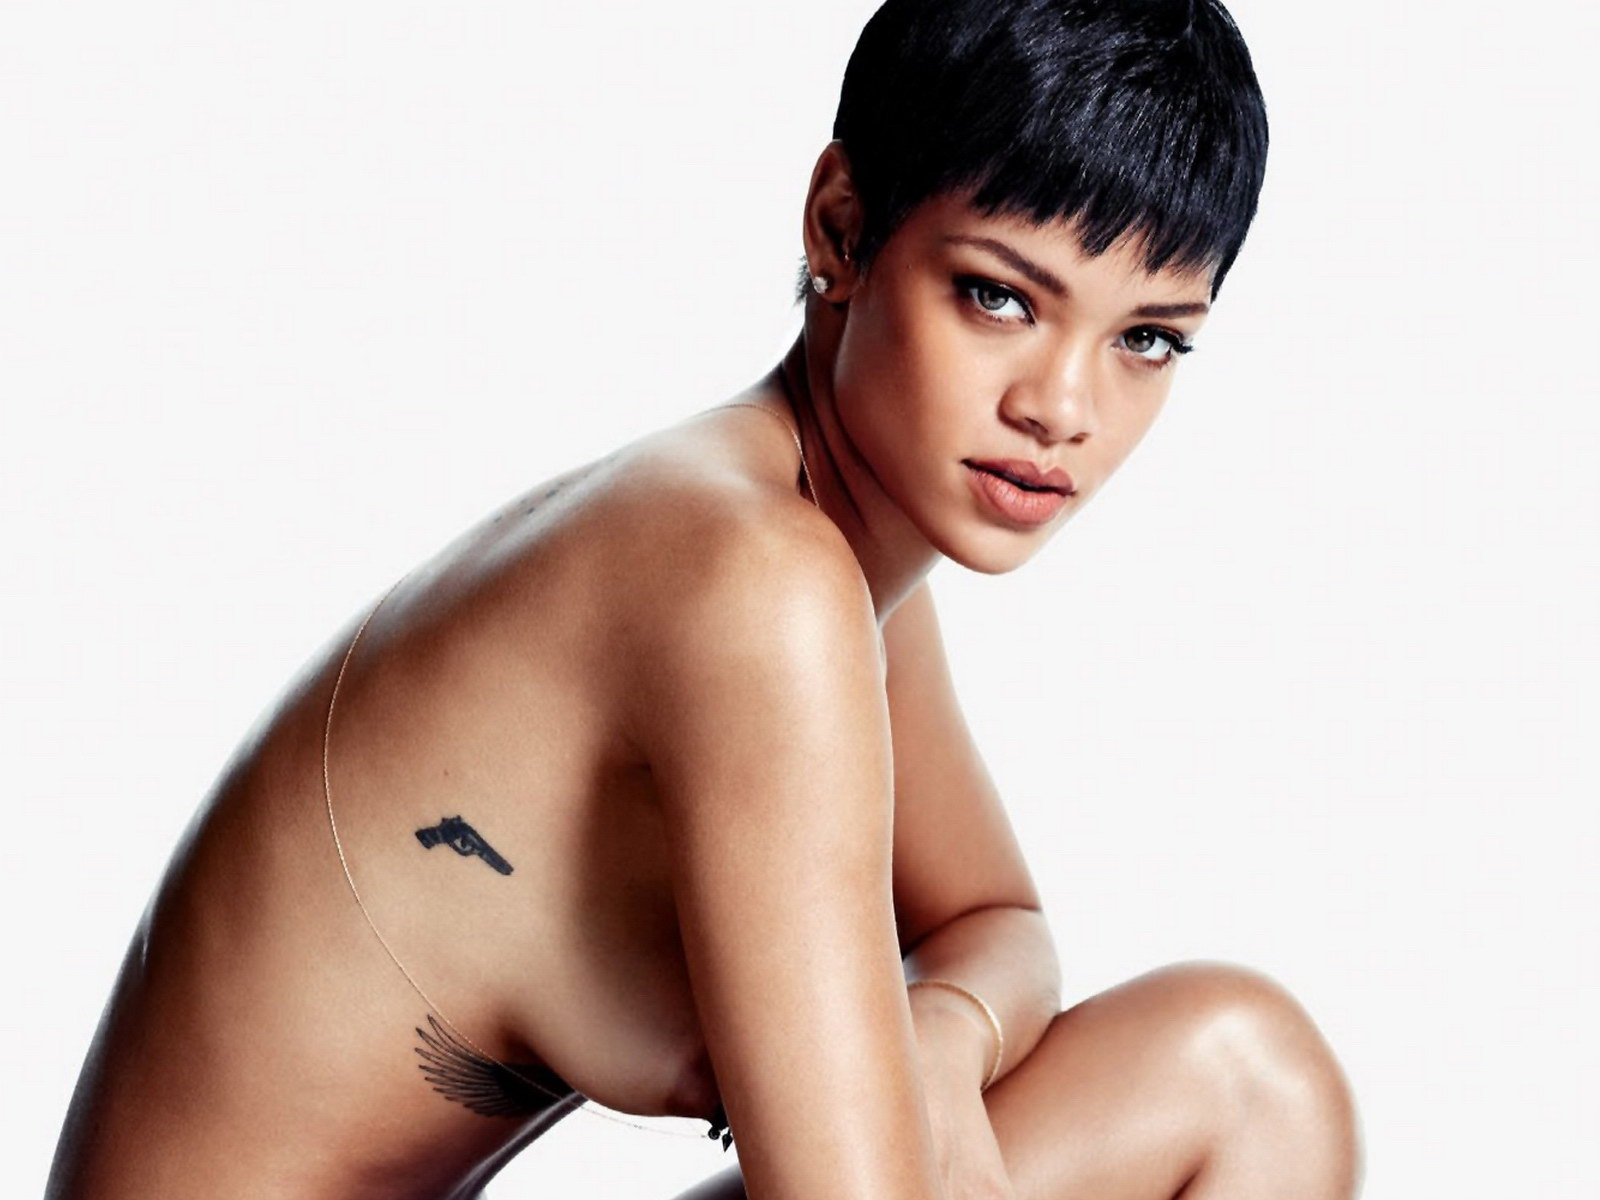 Смотреть порно фото рианны бесплатно, Голая Рианна (Rihanna), самые откровенные фото 1 фотография